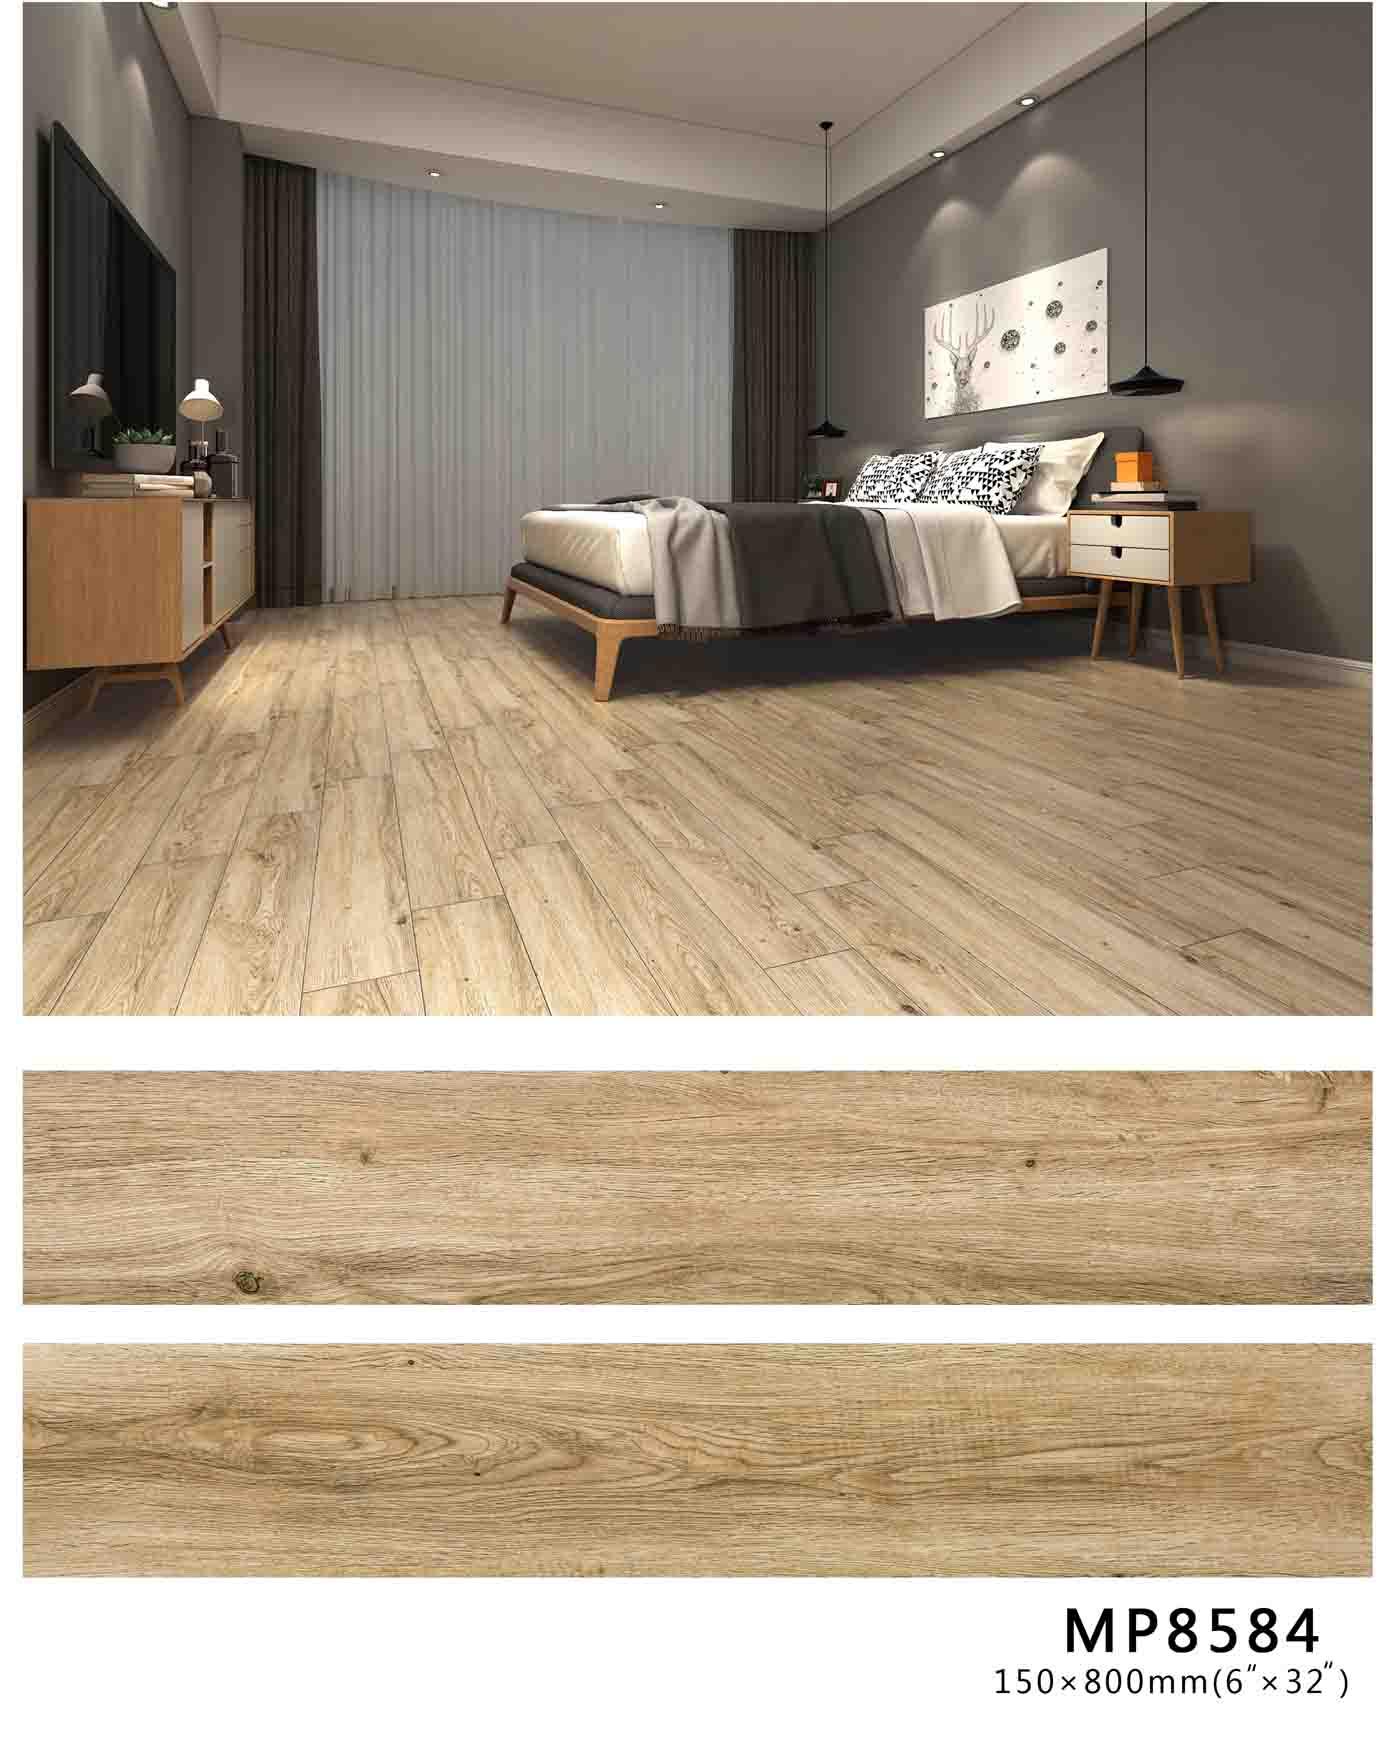 玉金山木纹地砖生产工厂-海南仿木地板砖-油漆木纹地板砖工厂A